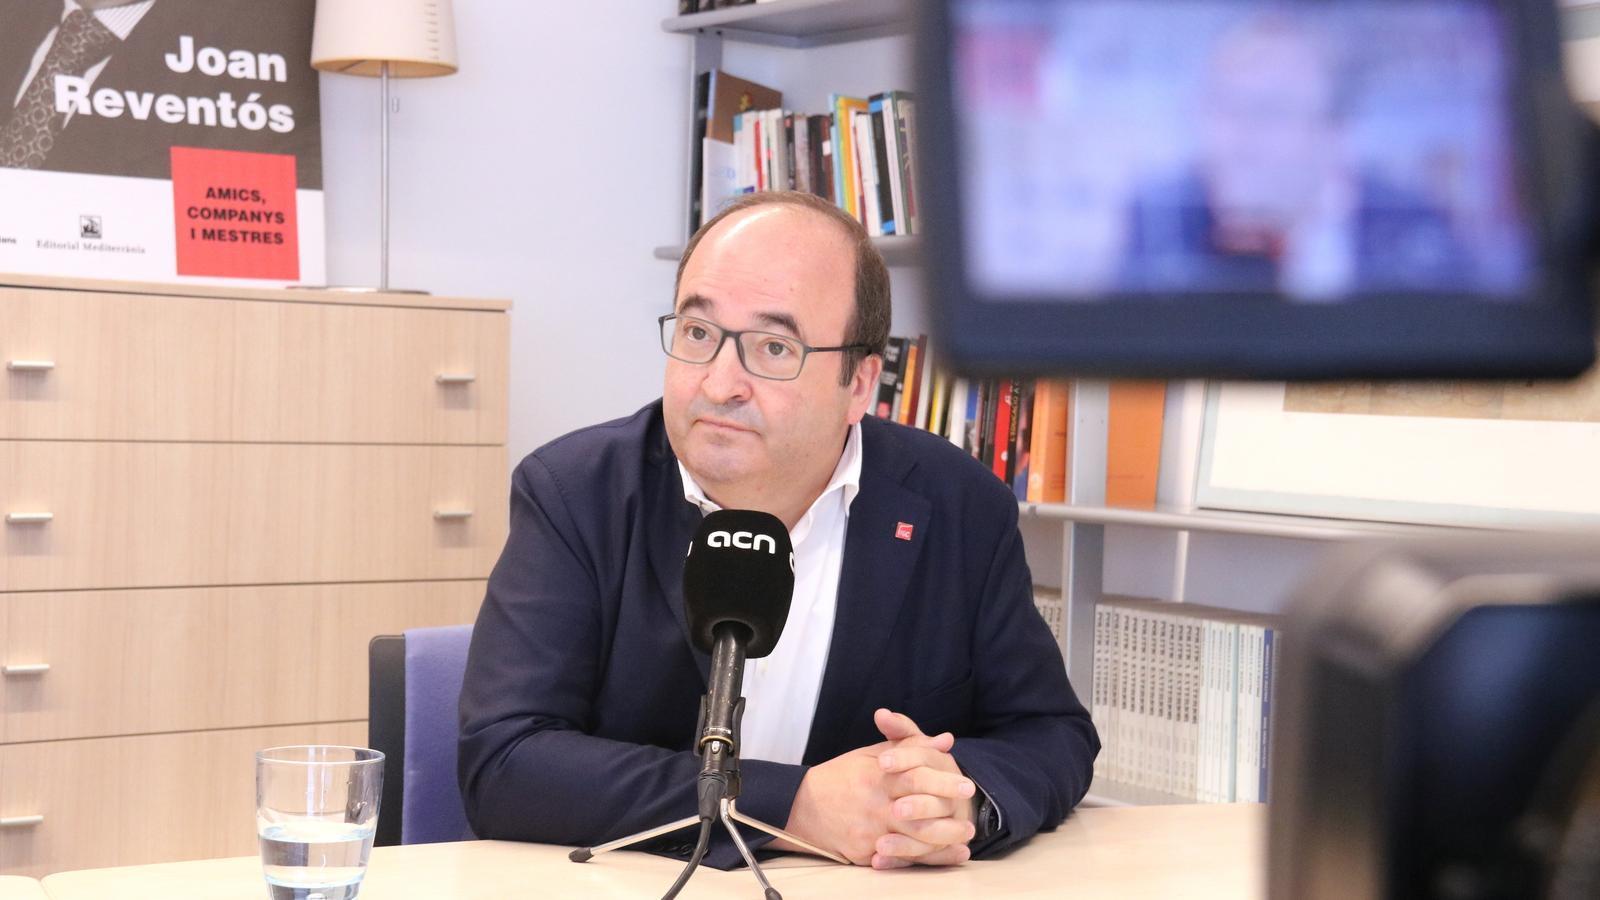 PSC Miquel Iceta ACN socialistes 2080602096 56410569 651x366 - Fil de Ramir De Porrata-Doria. 20/10/18. PSOE i PSC, pressupostos de l'Estat